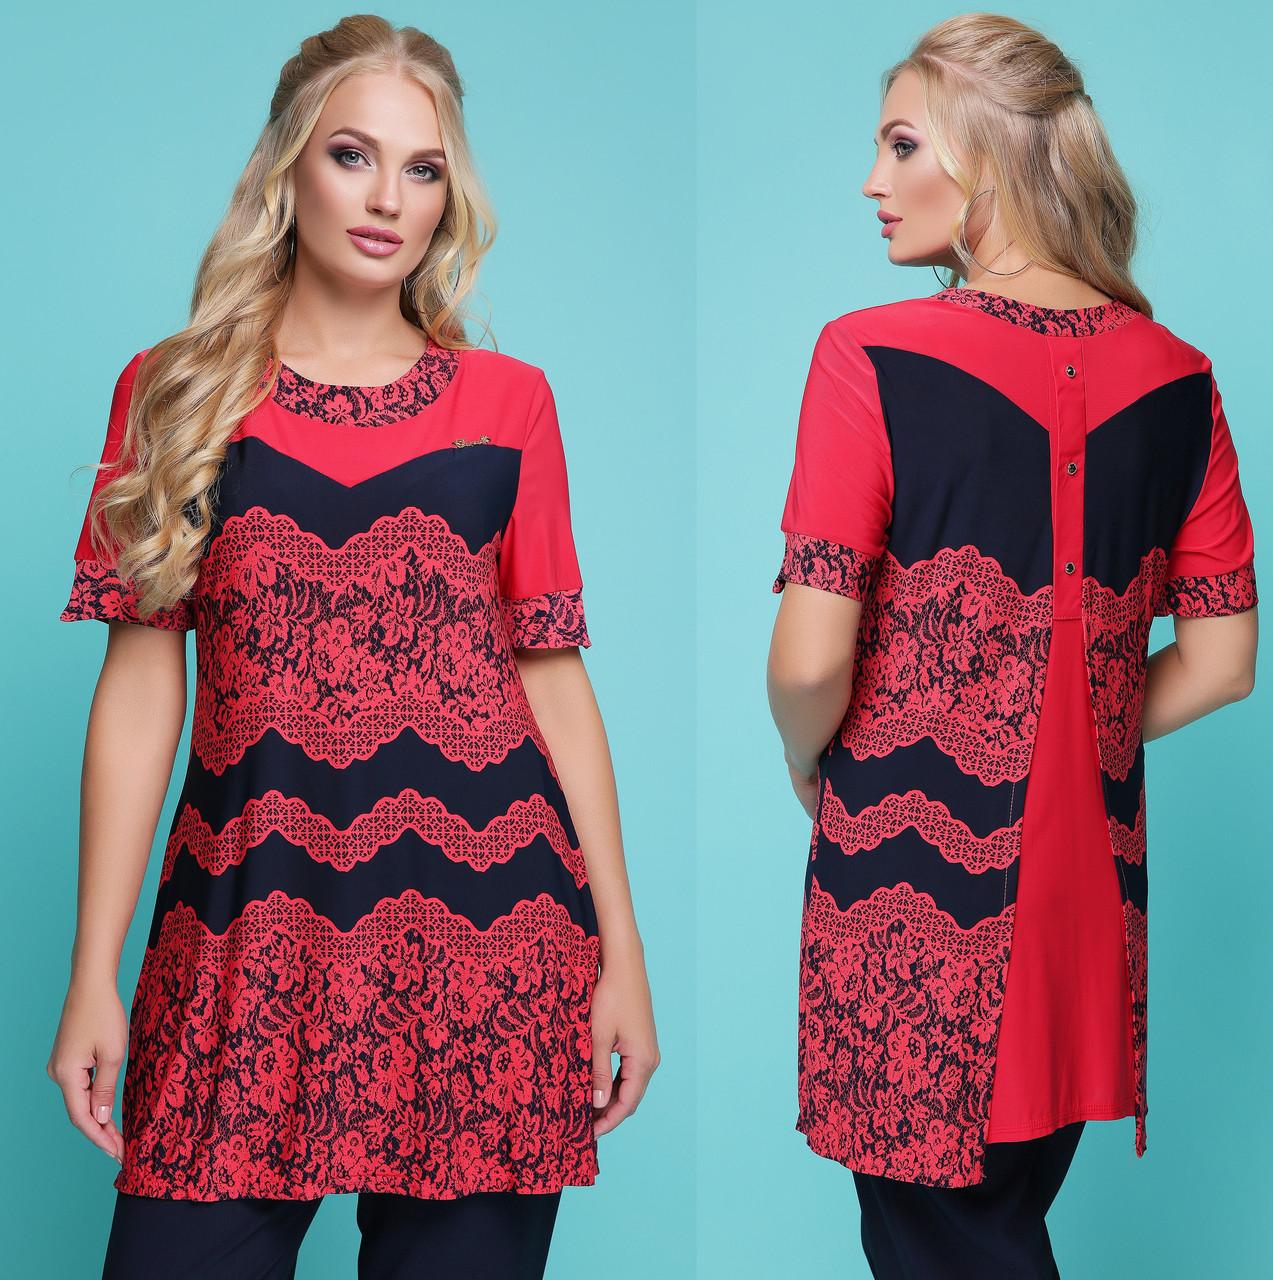 Блуза трапеция женская нарядная блузка трикотажная туника летняя больших размеров